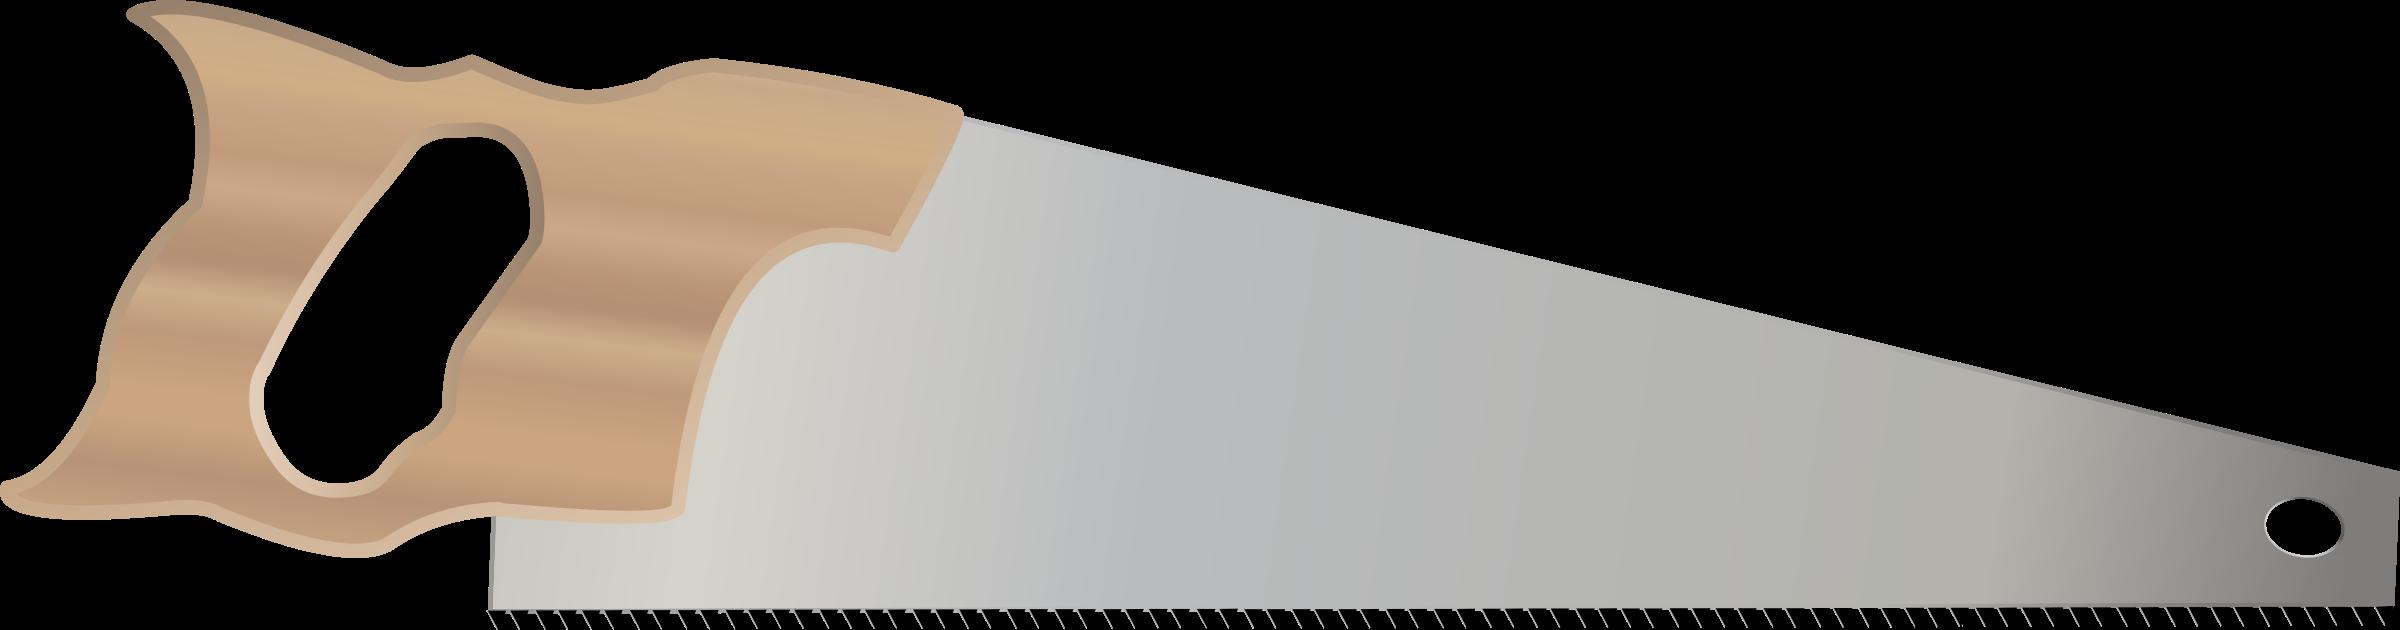 Clip art saw medium. Clipart hammer martilyo